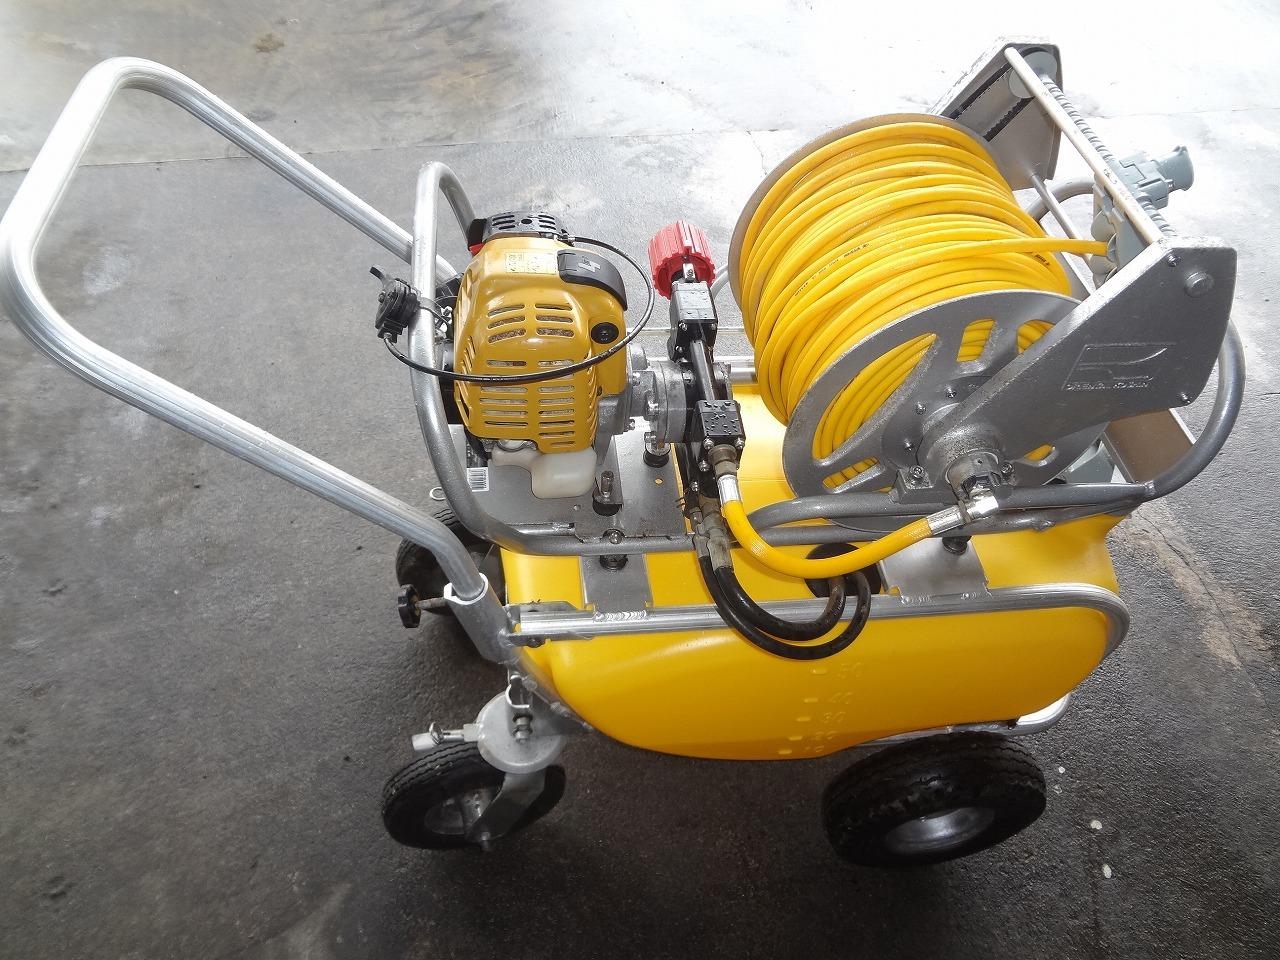 小型セット動噴 コーシンKVER100 25cc4サイクルエンジン プランジャポンプ